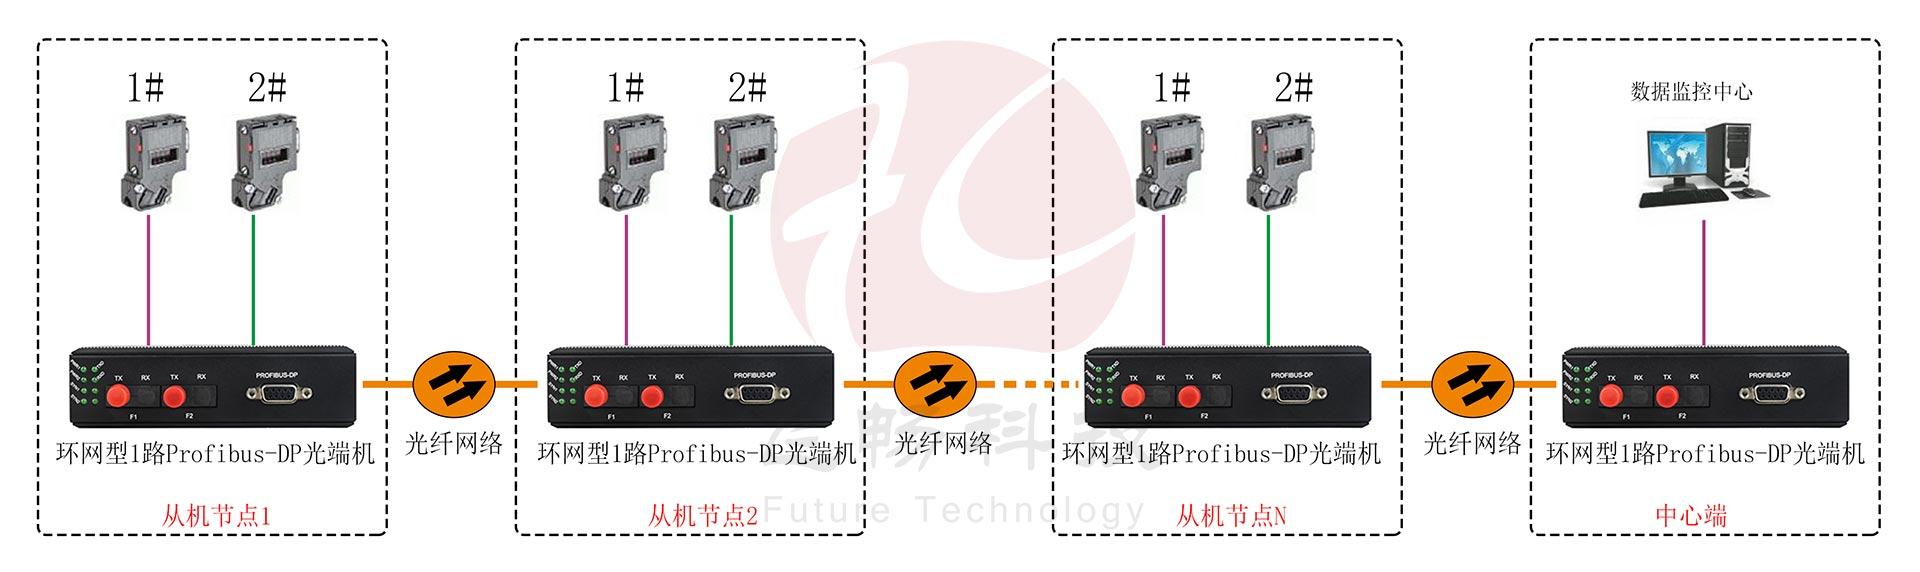 工业轨式 环网型1路Profibus-DP光端机 点对点光猫 方案图